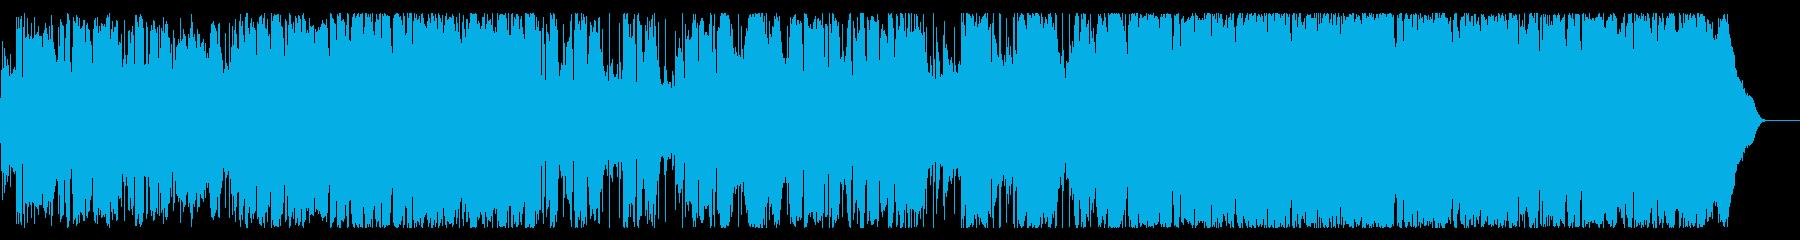 アニメ主題歌のようなテンポの速い曲の再生済みの波形